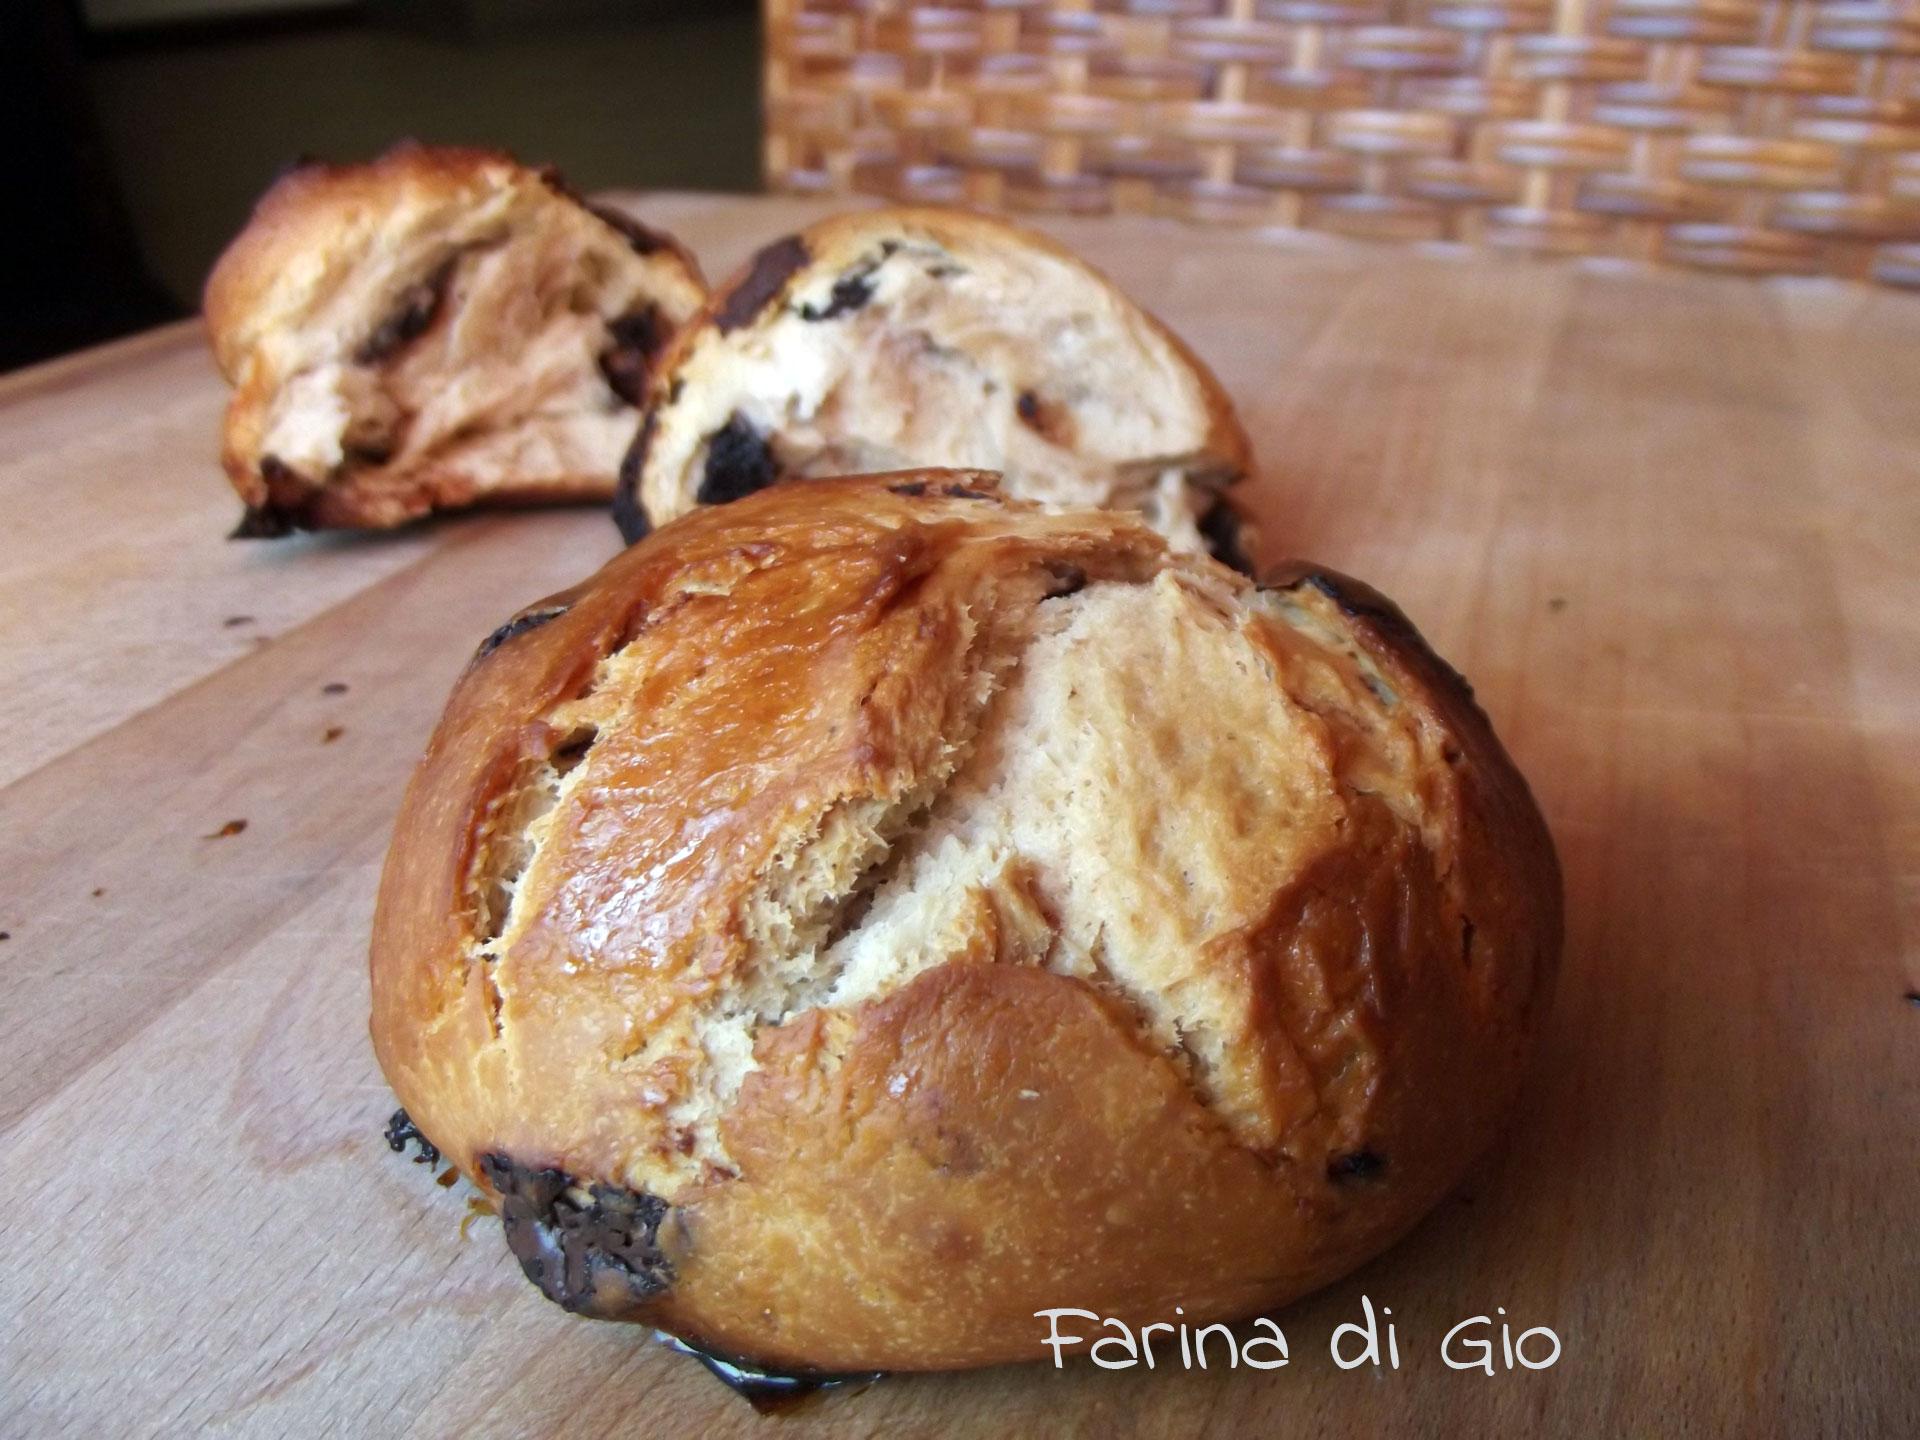 panini-ciocco-miele-03